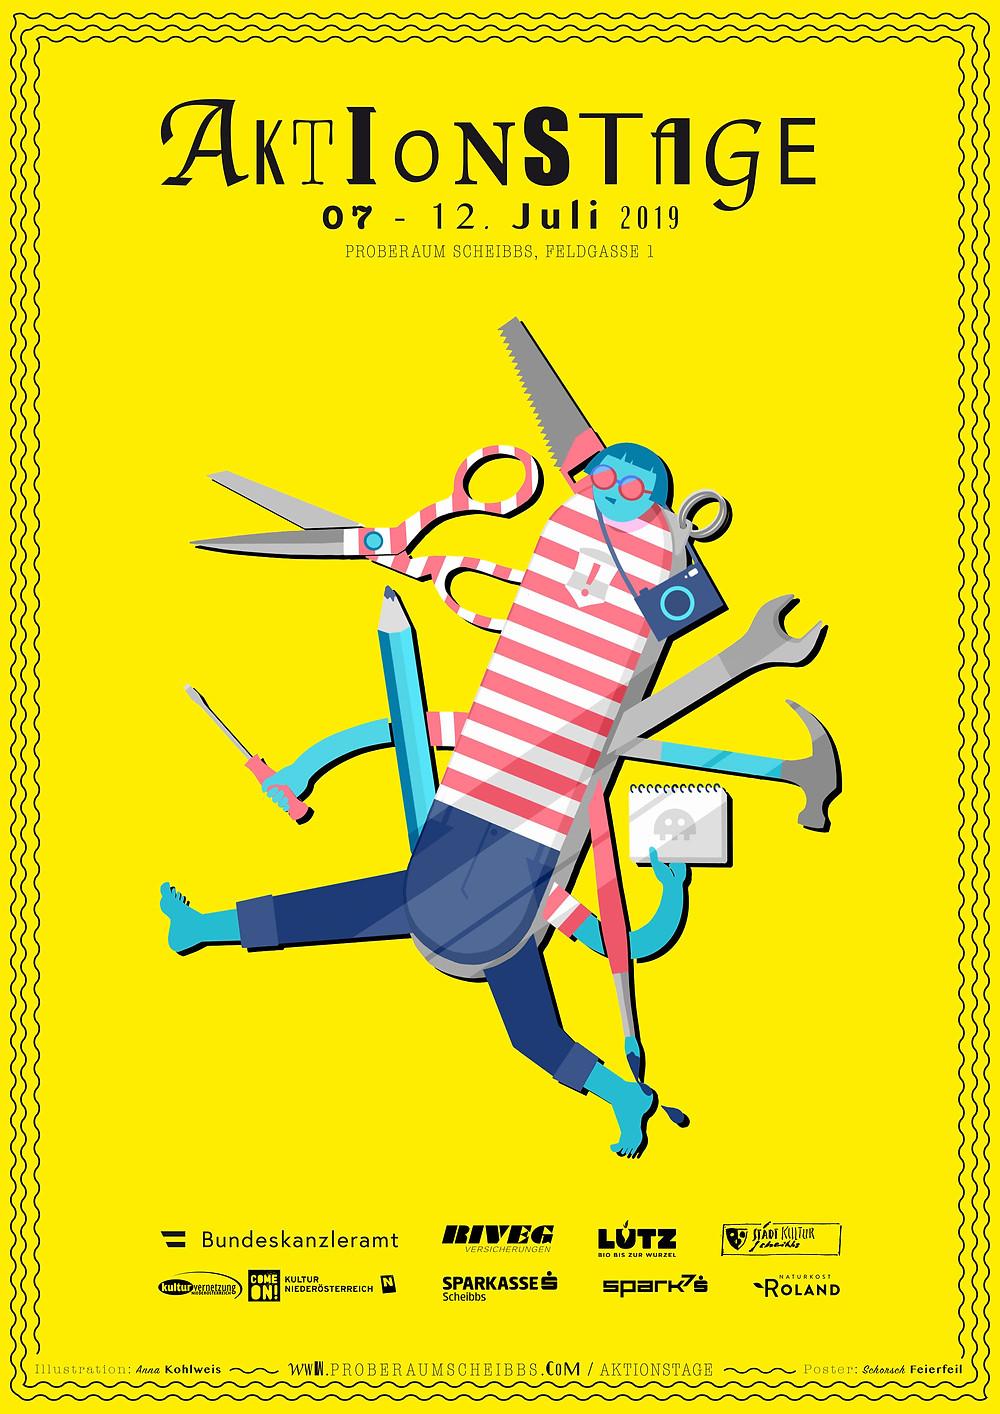 Illustration: Anna Kohlweis, Postergestaltung: schorschfeierfeil